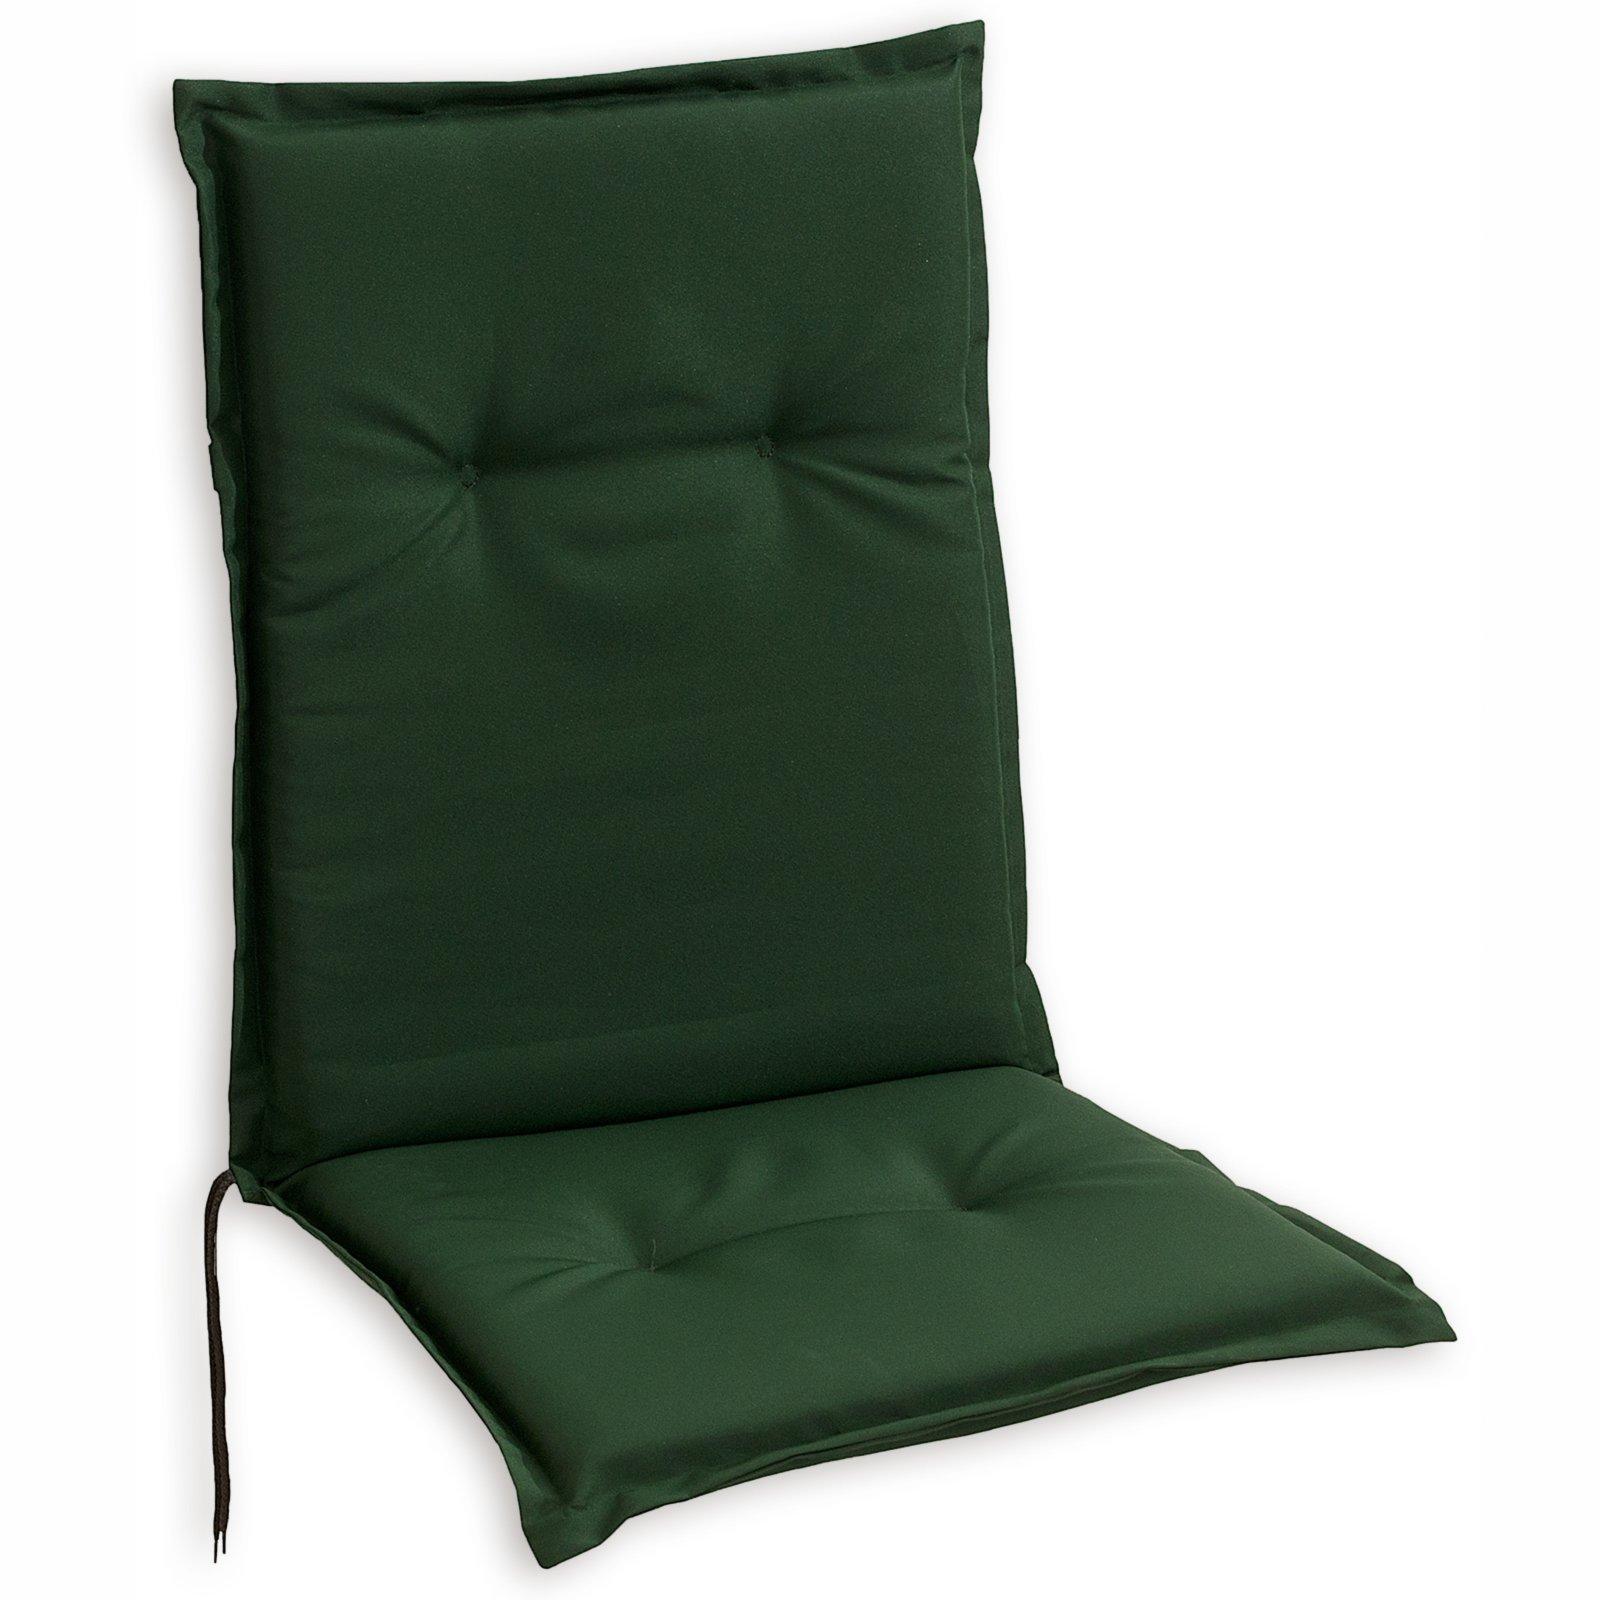 Niedriglehner-Sitzauflager WOODY - grün - 48x100 cm ...